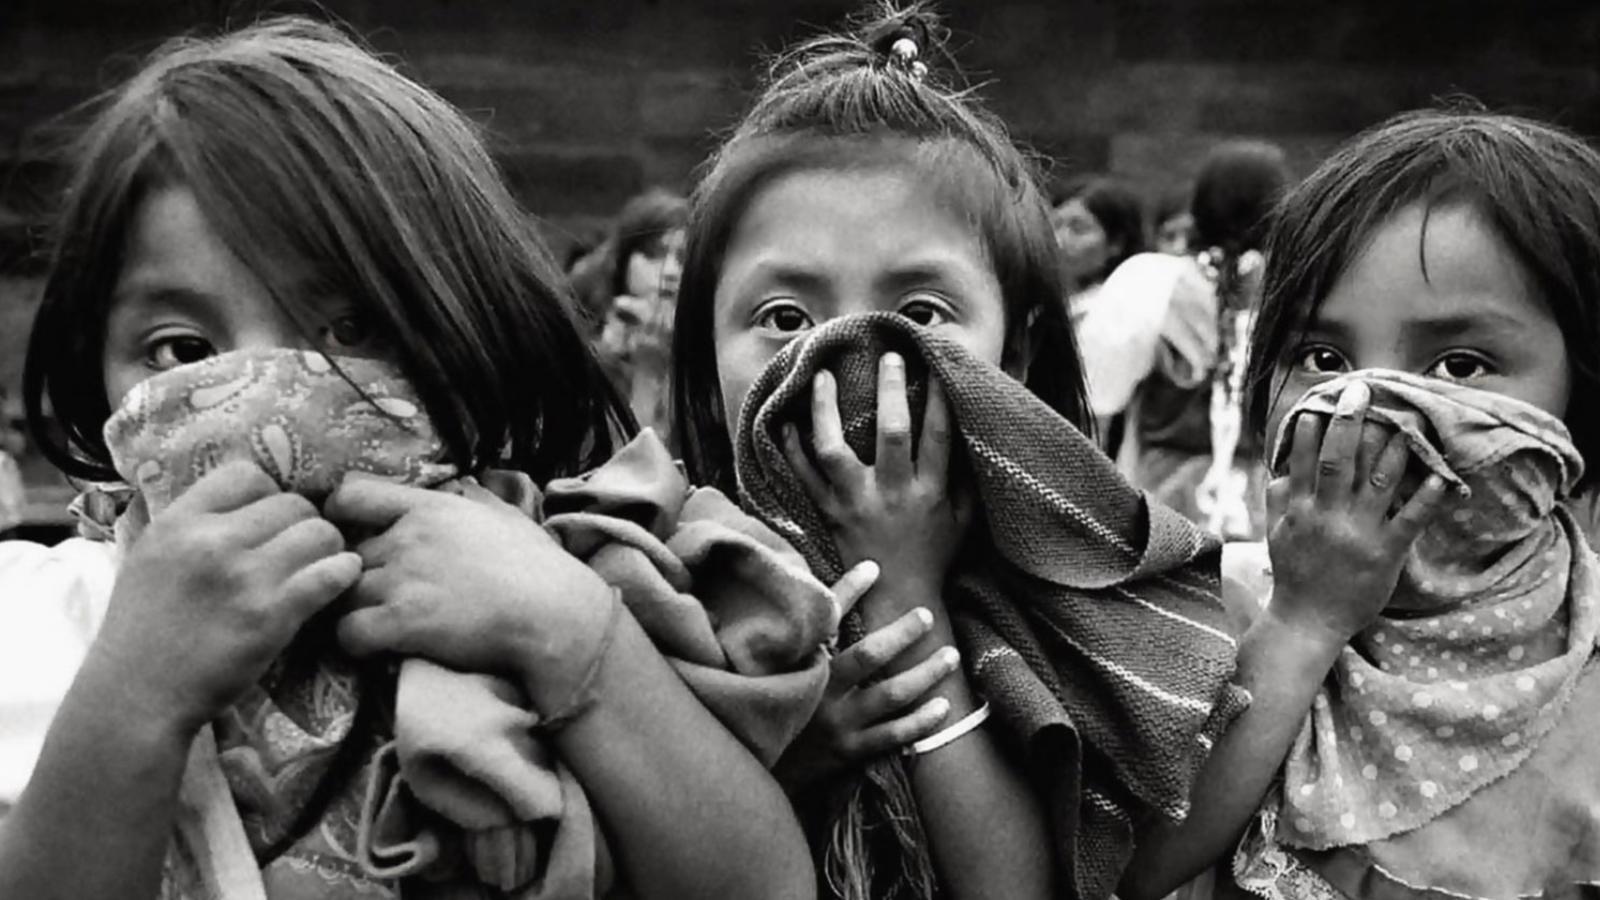 Young Zapatistas Image: Raúl Ortega